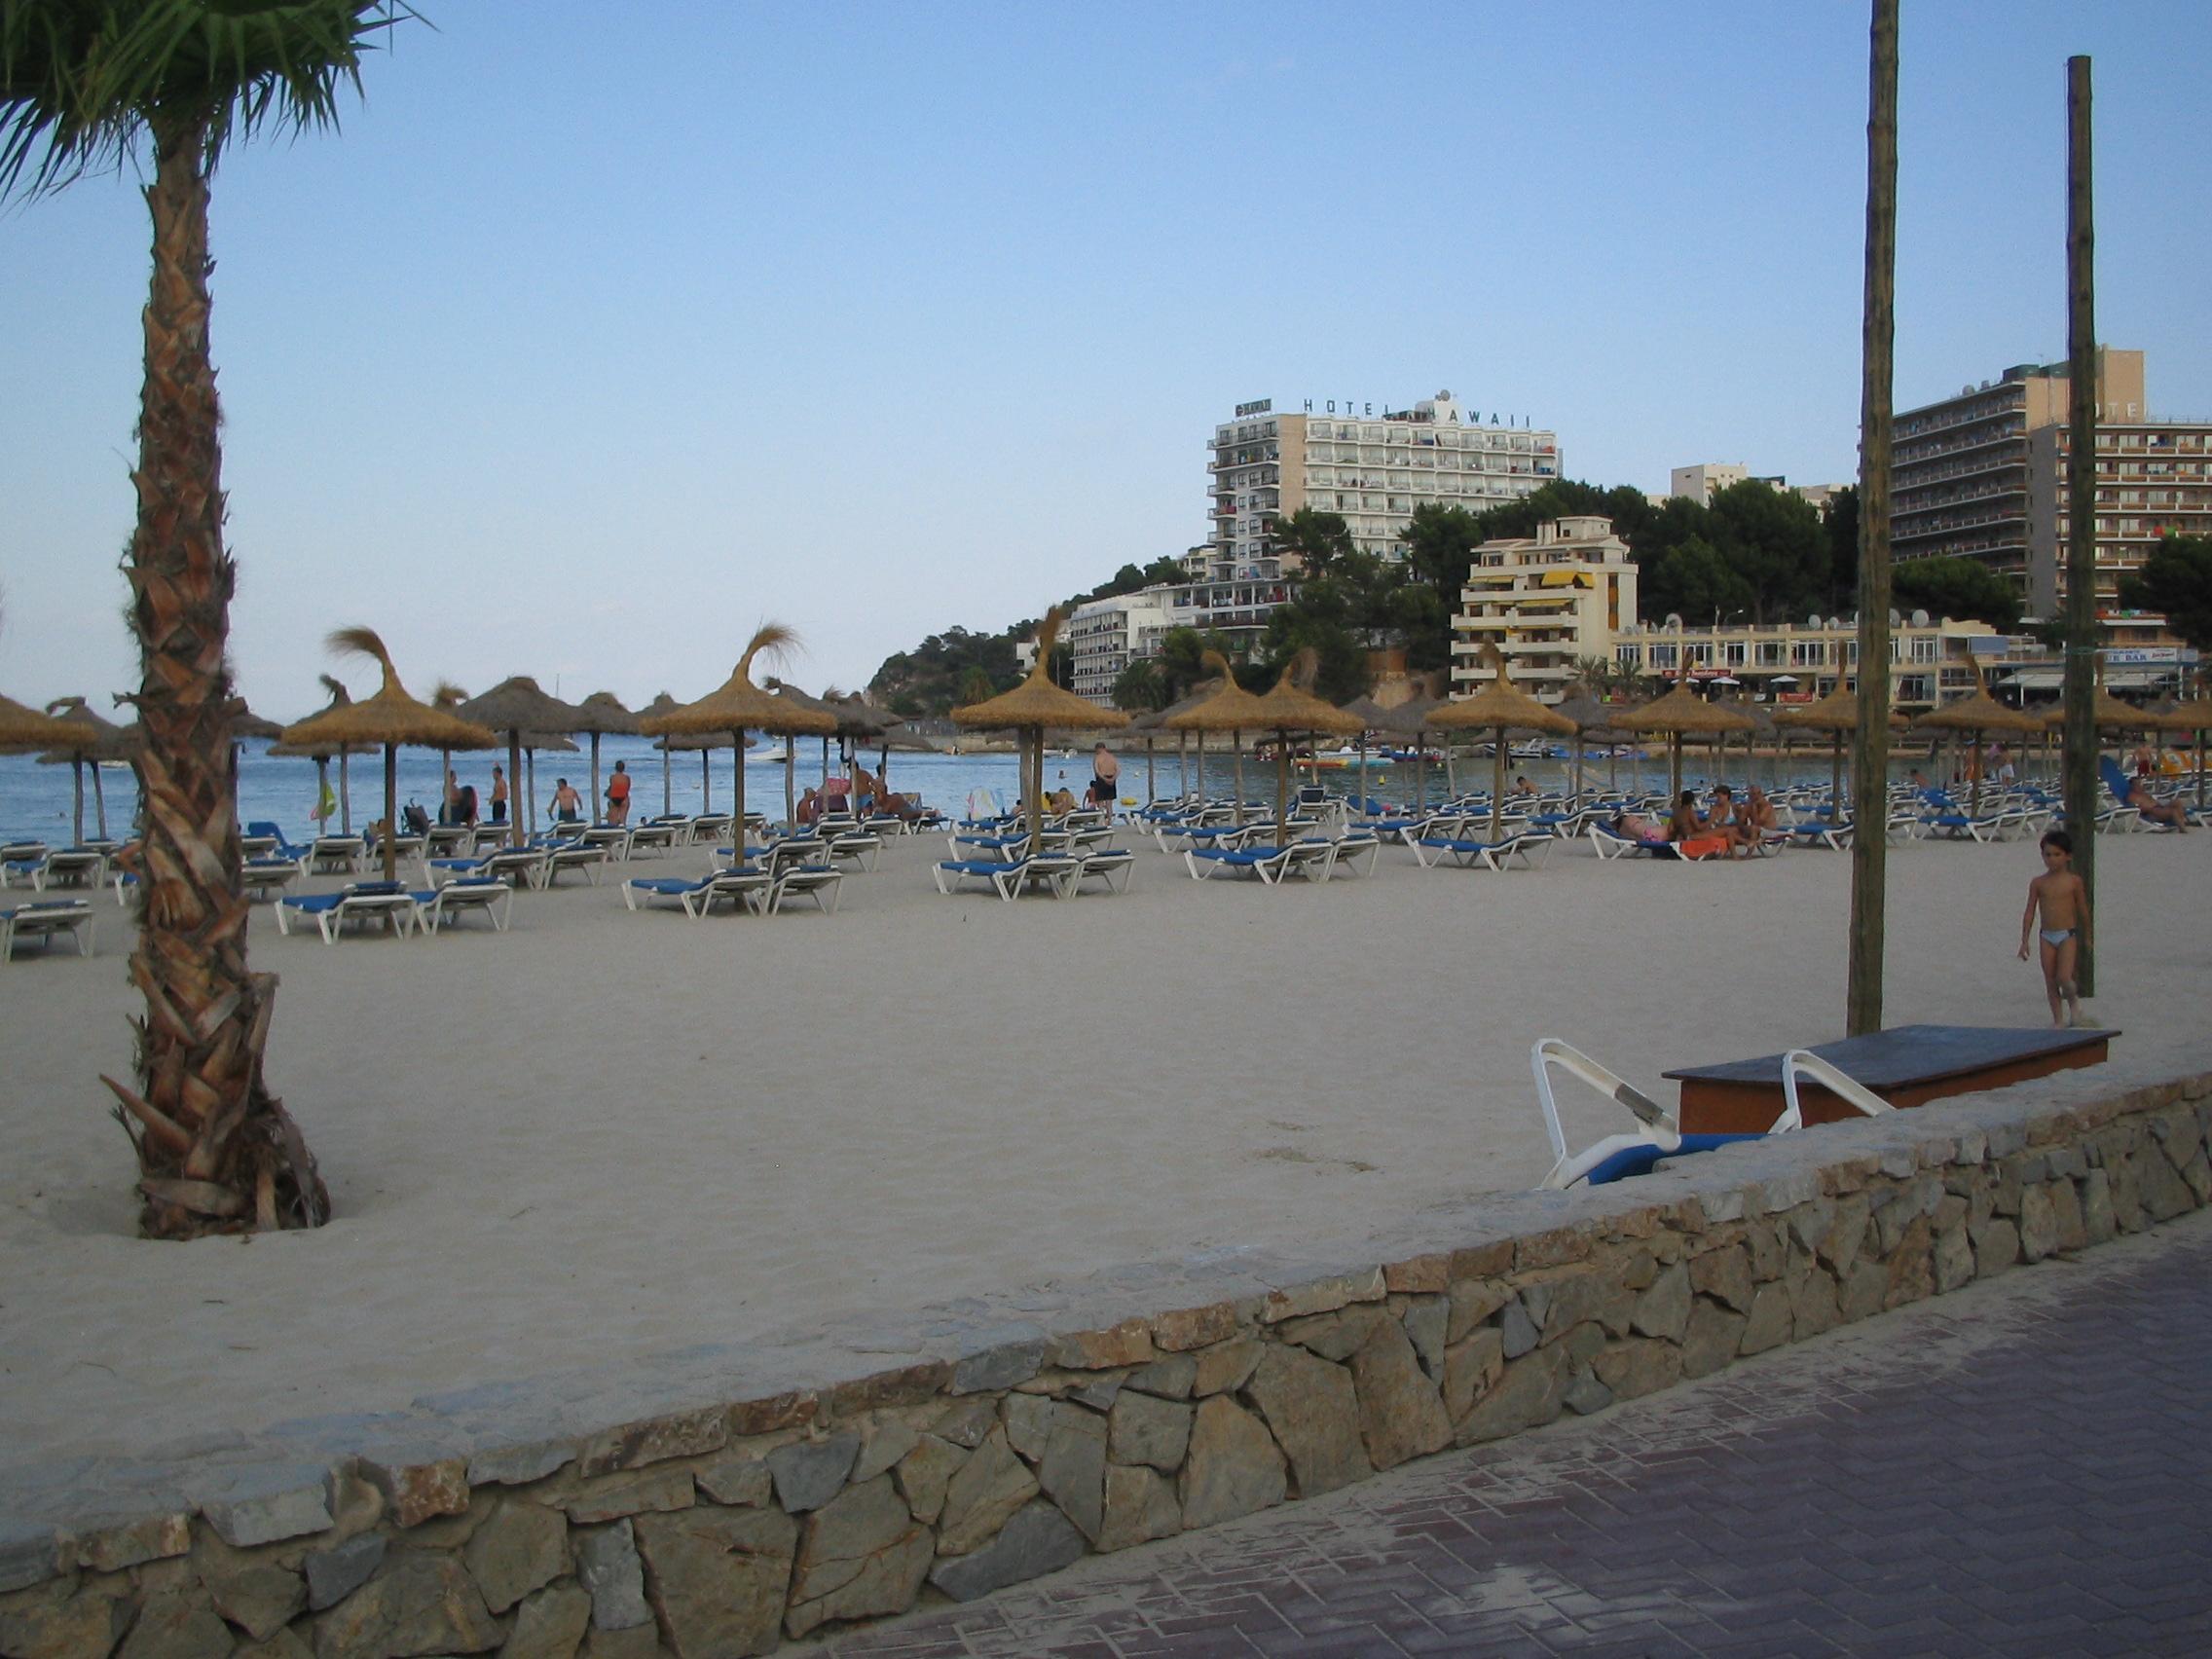 Hotel Tropical Palma De Mallorca Aanschrift